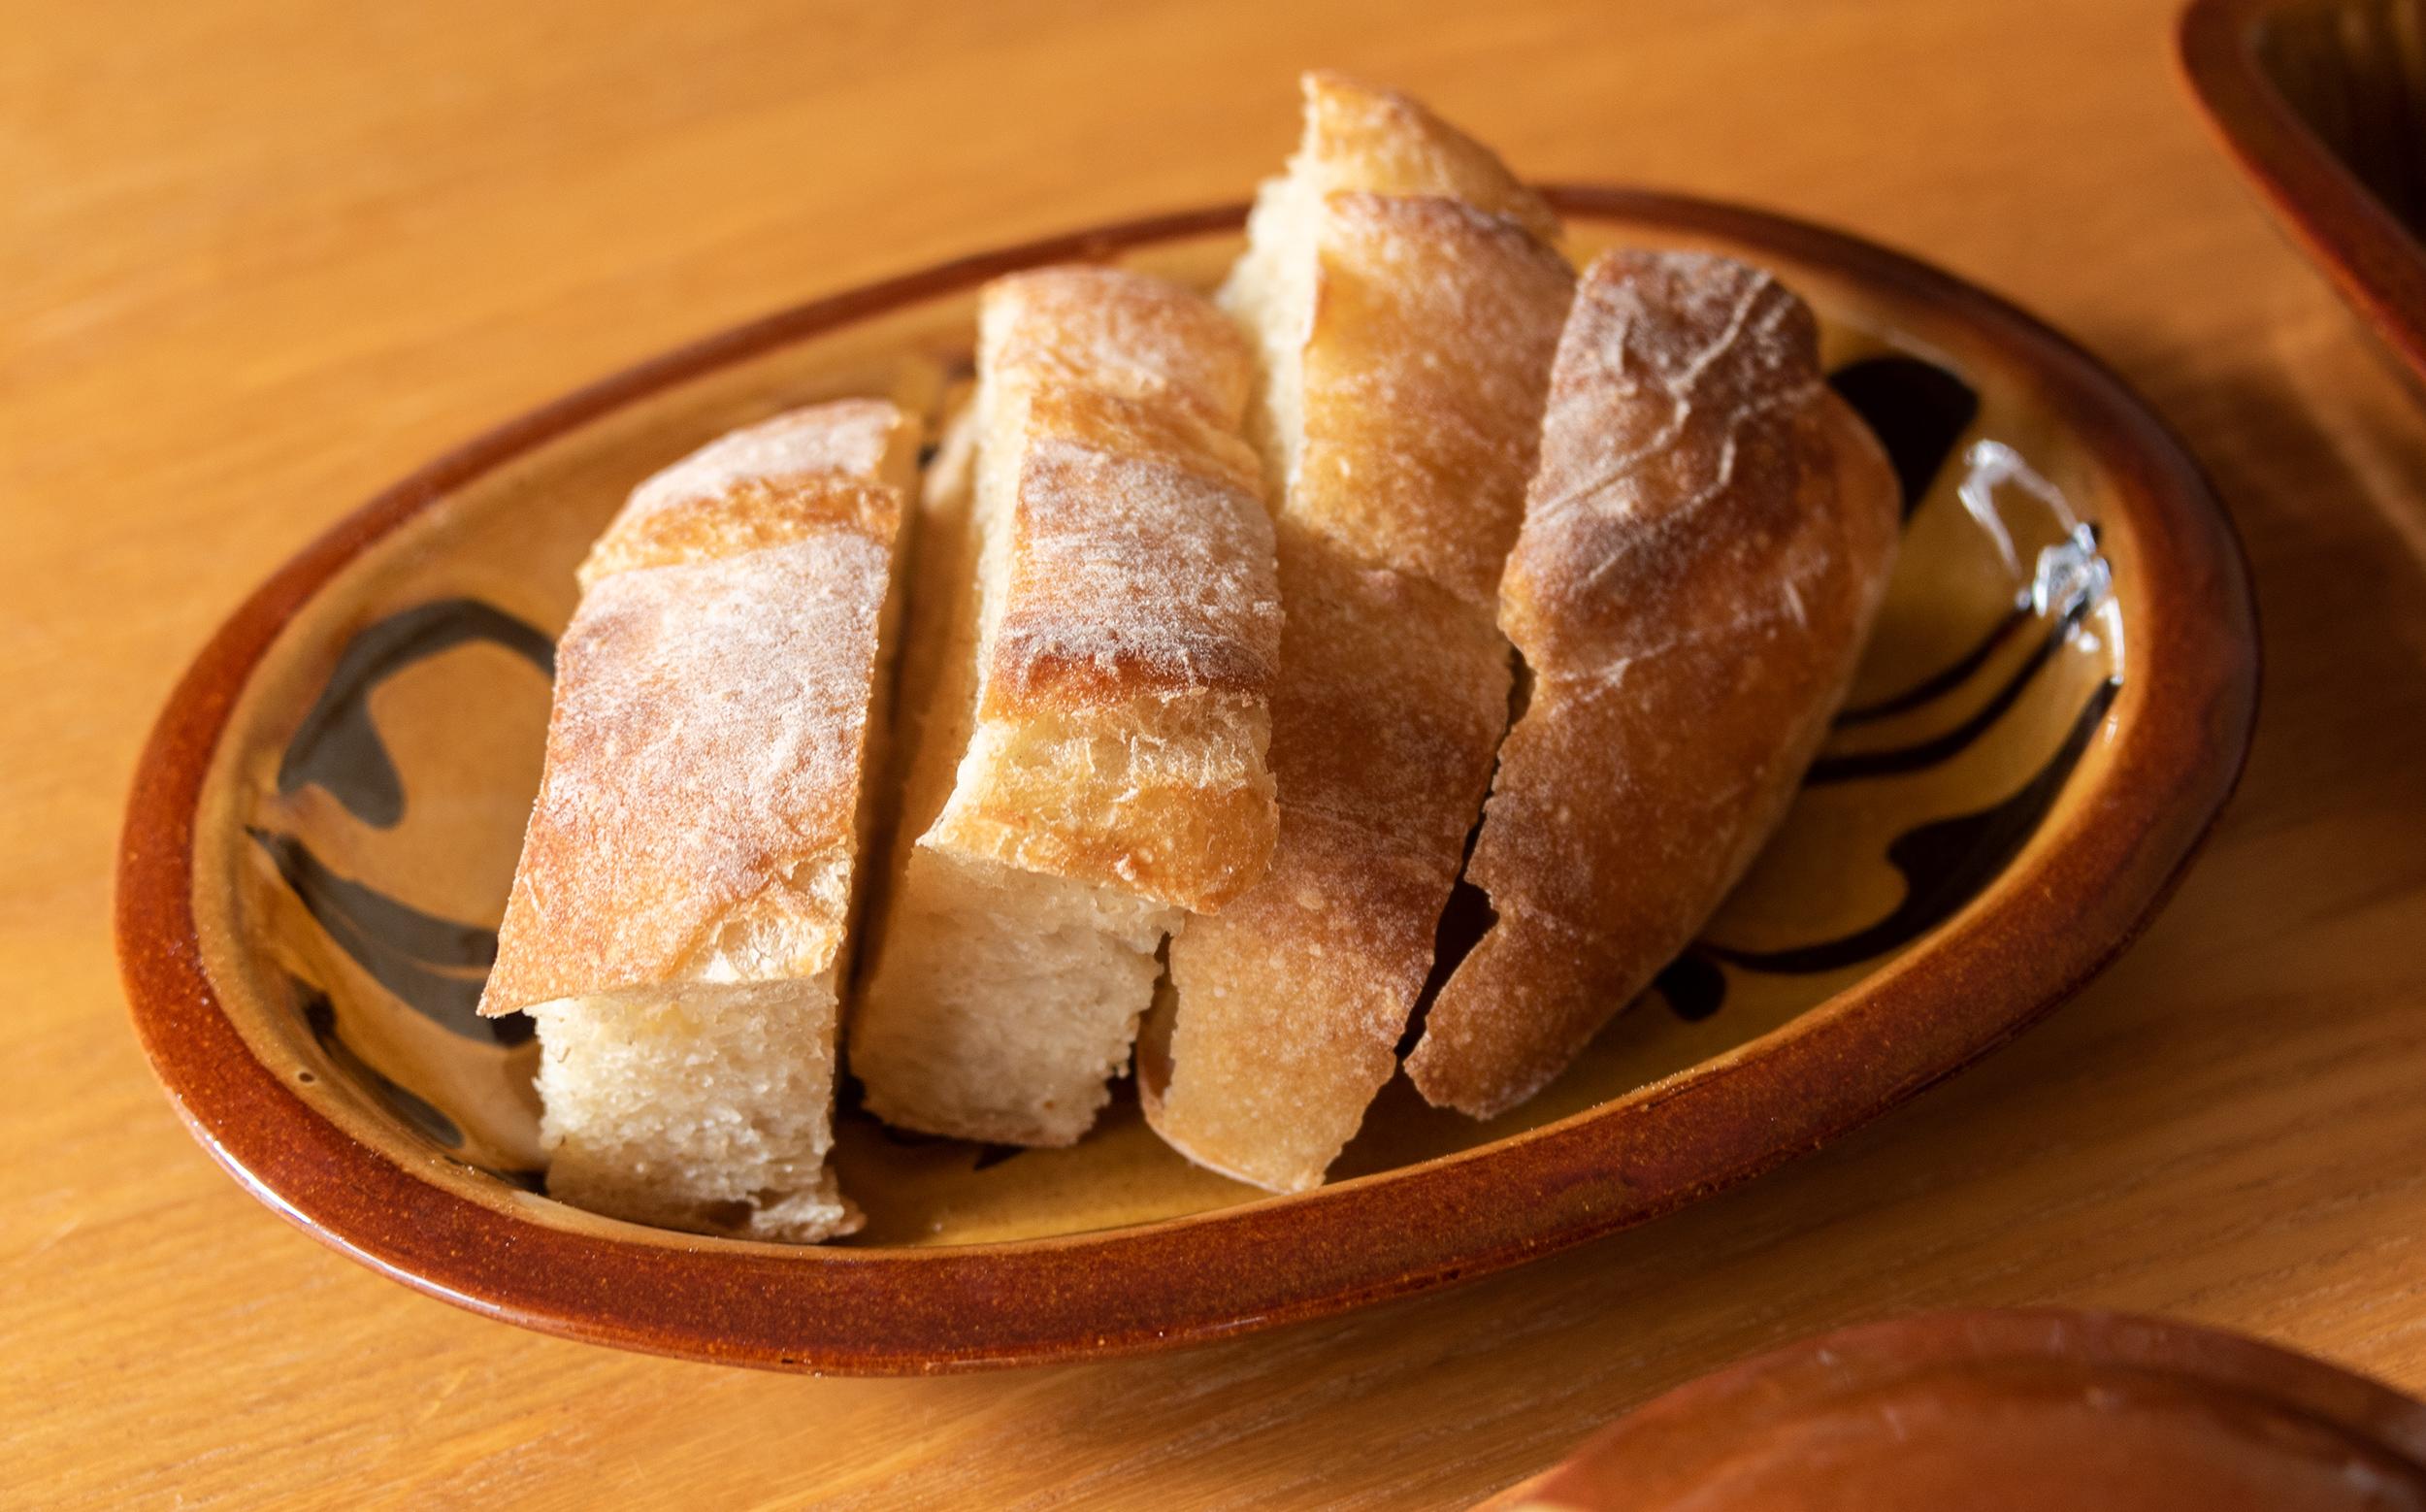 湯町窯のうつわとbaguette rabbitのパン